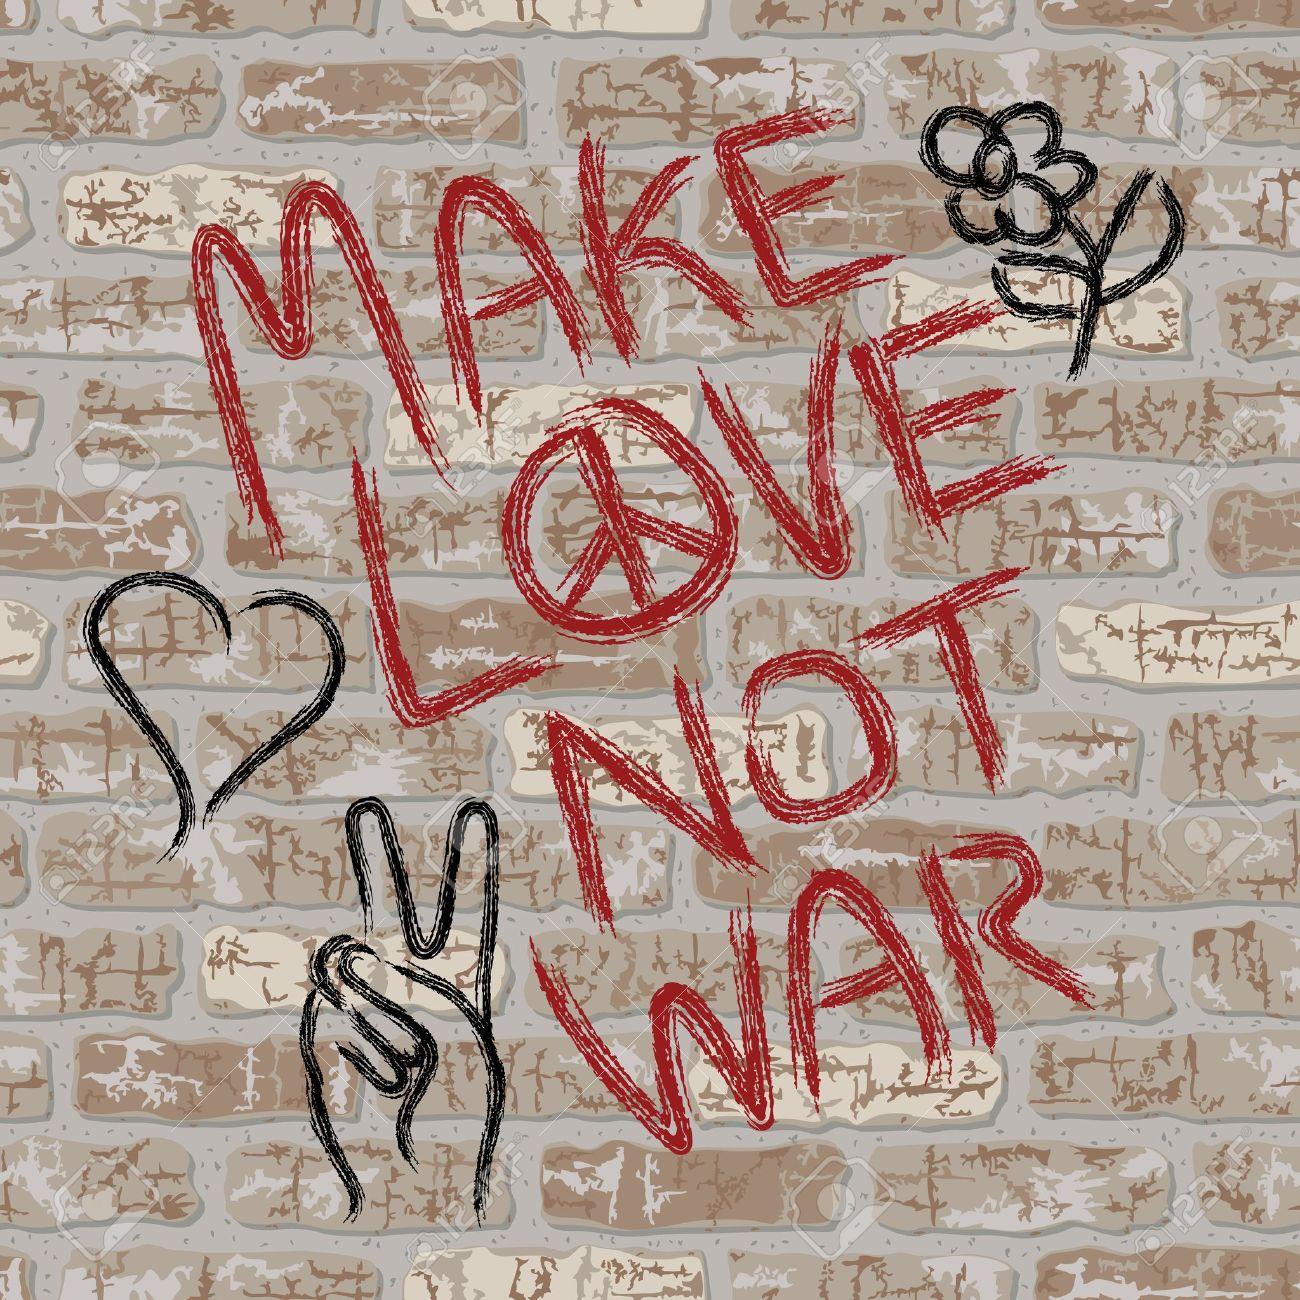 Make Love Not War graffiti